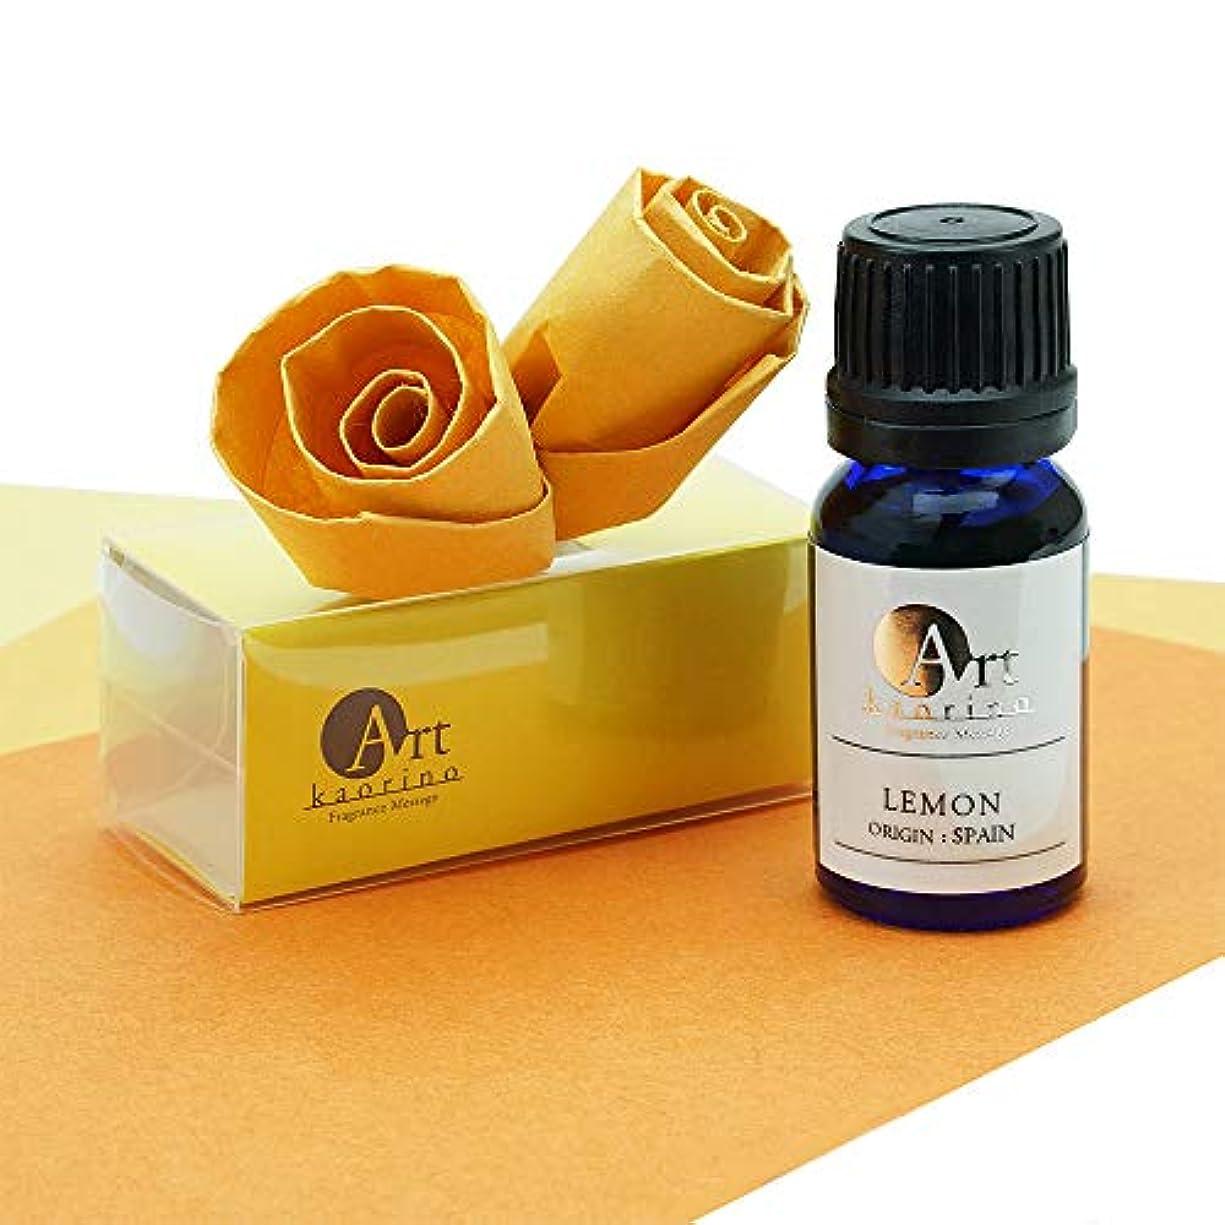 かび臭いクローゼット熱帯のKaorino Art エッセンシャルオイル レモン 10ml (和紙花 和紙6枚付)